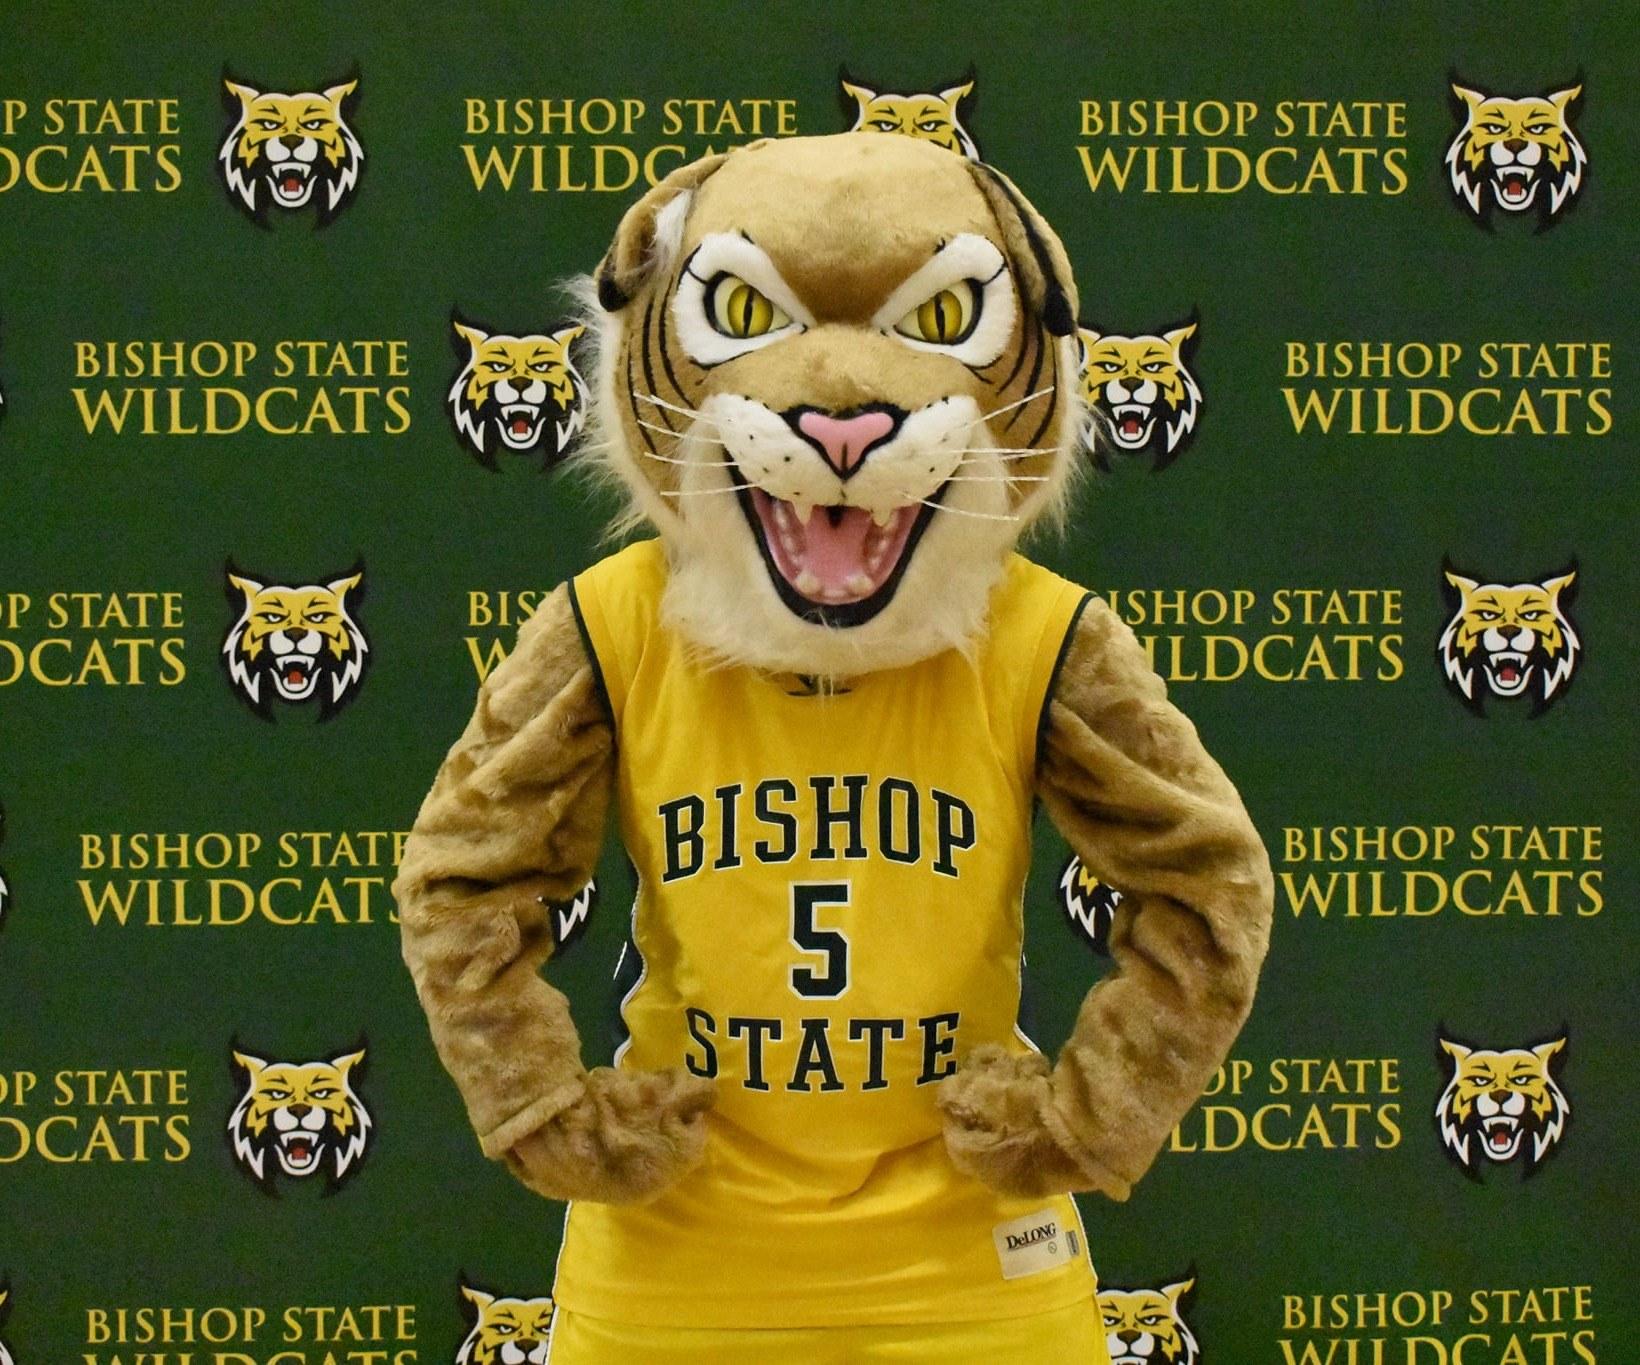 Sanford the Wildcat